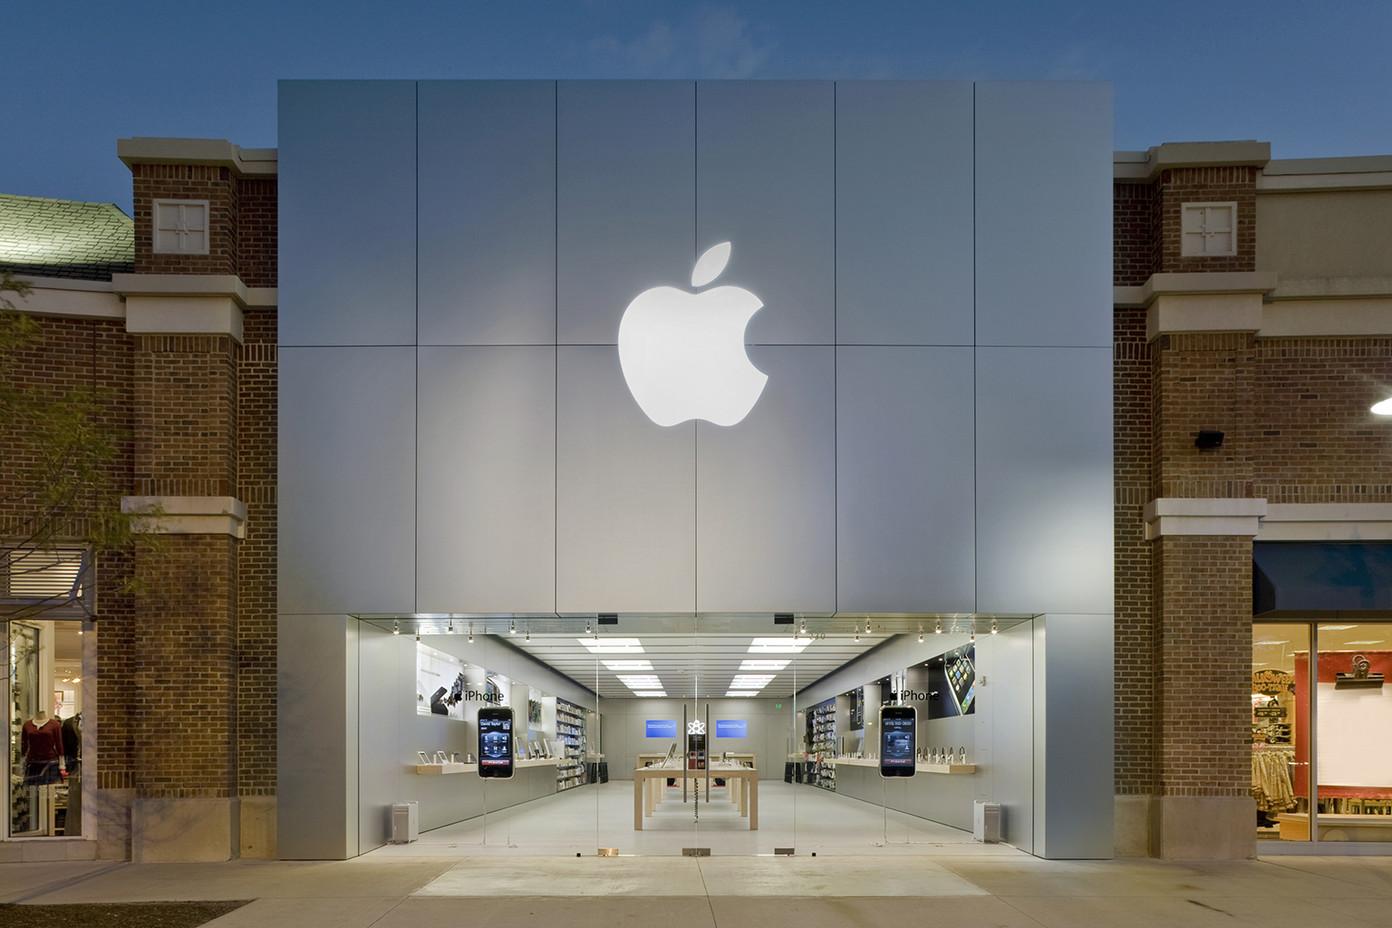 Apple Store, Deer Park